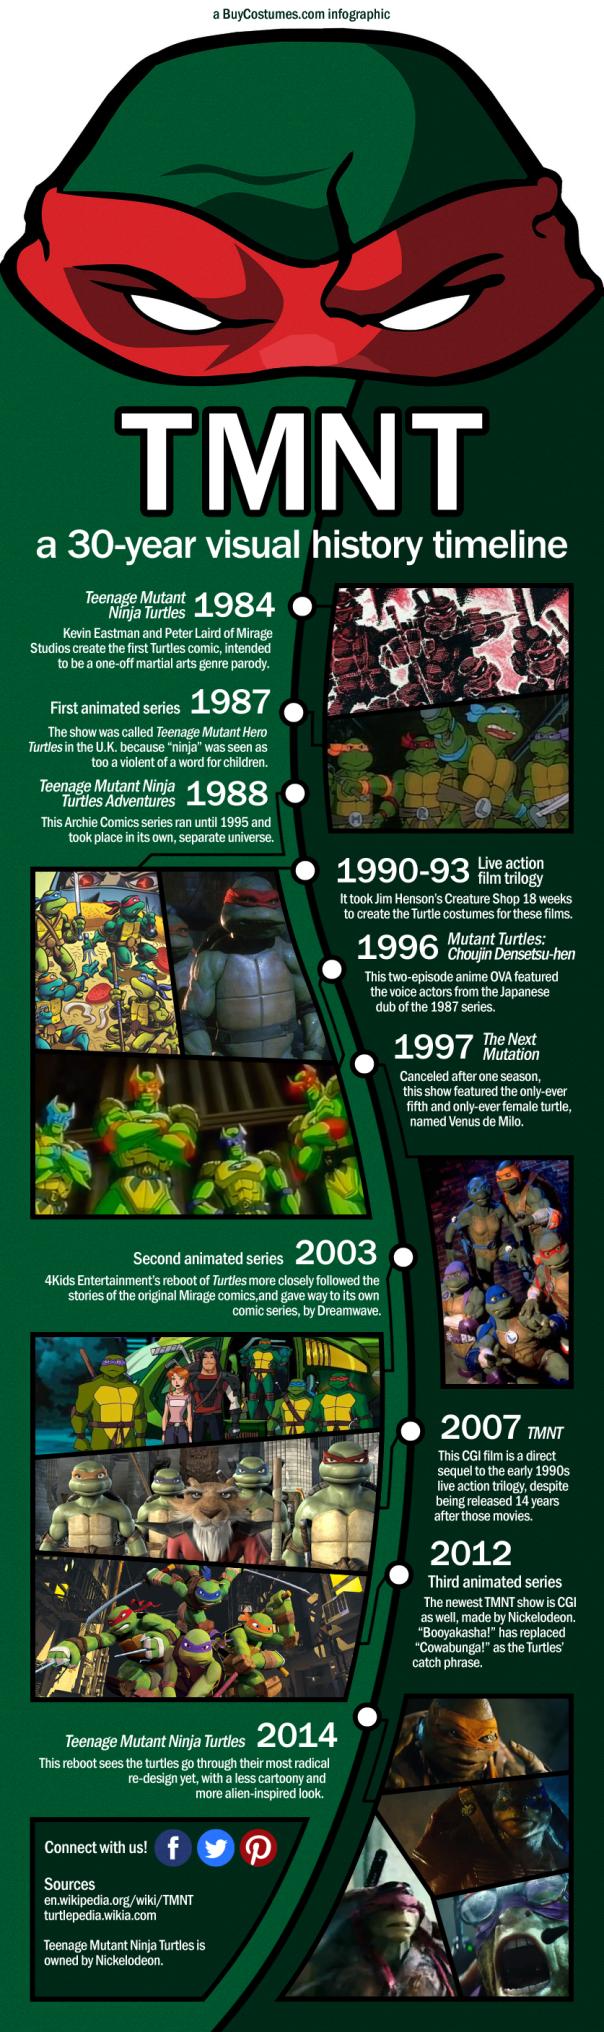 tmnt-infographic-2014